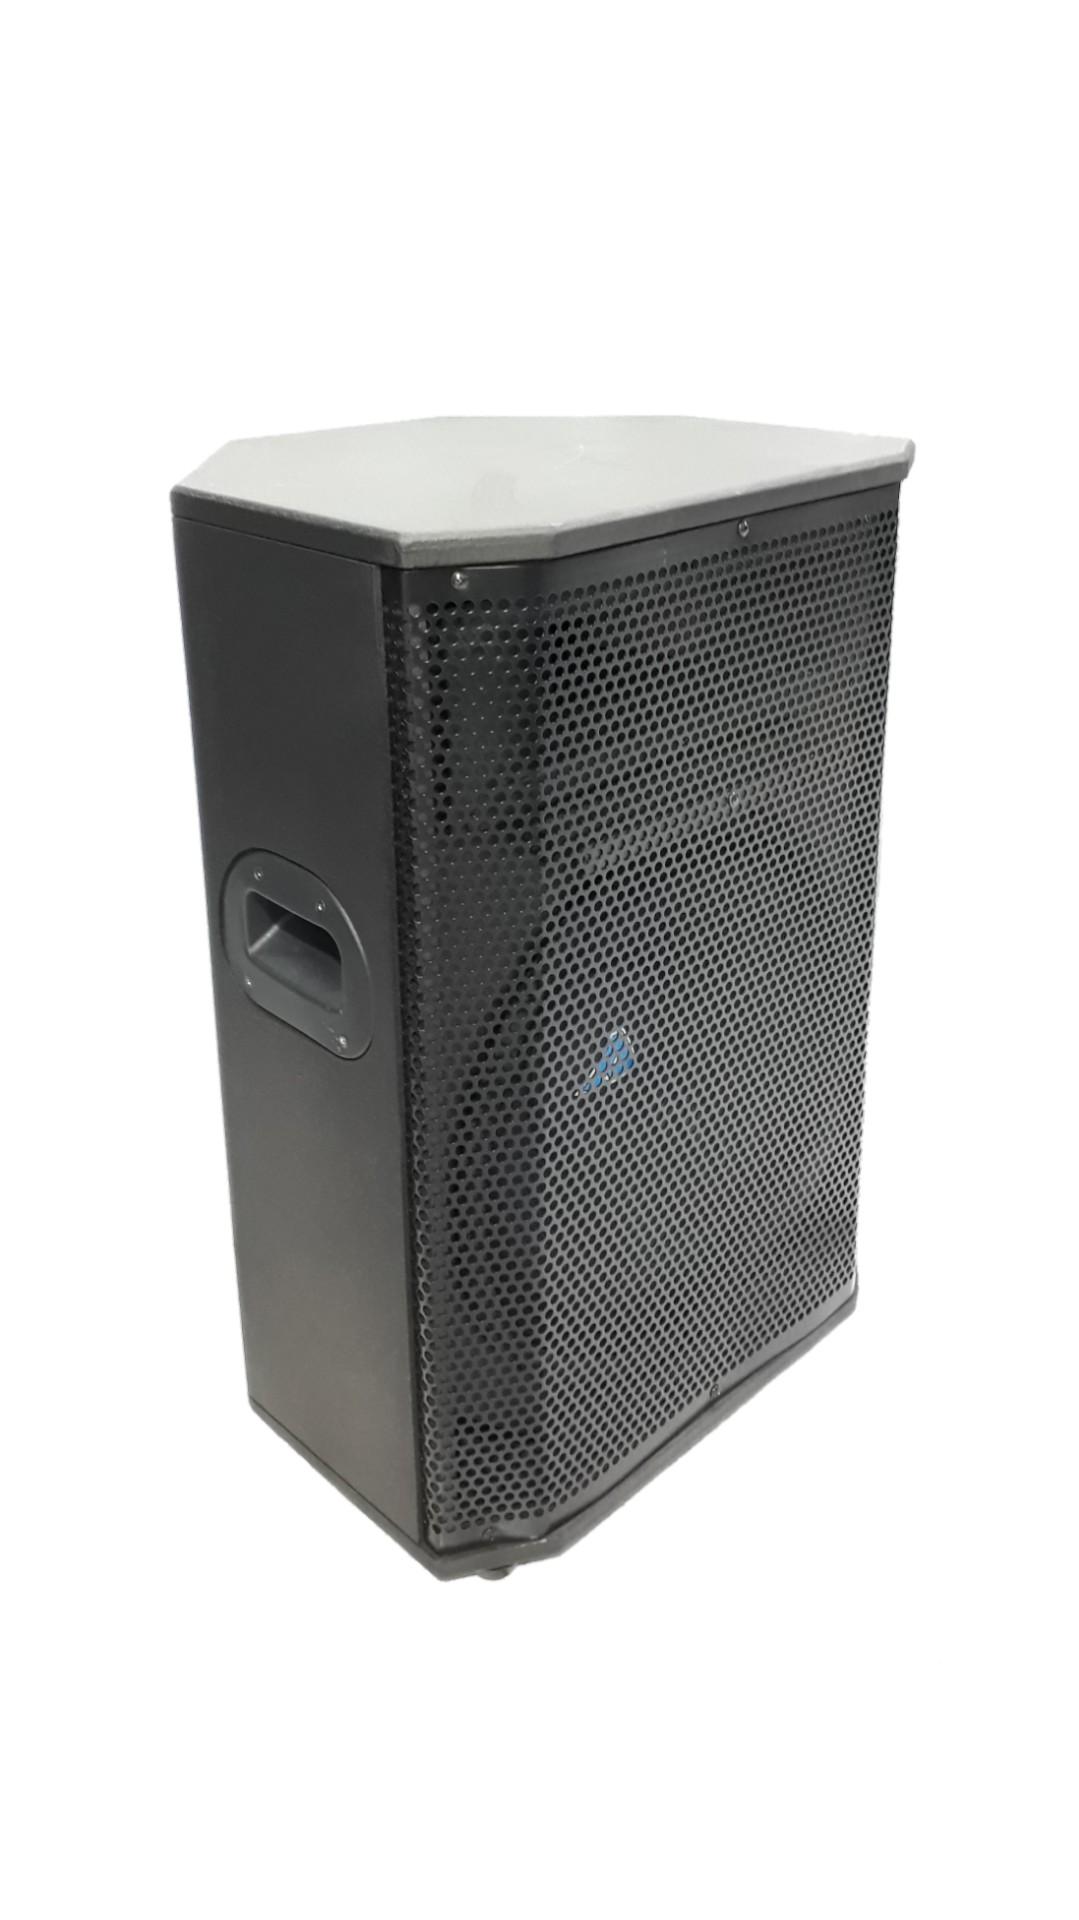 Caixa Acústica Alternativa Fal15.5 Passiva 375wref.